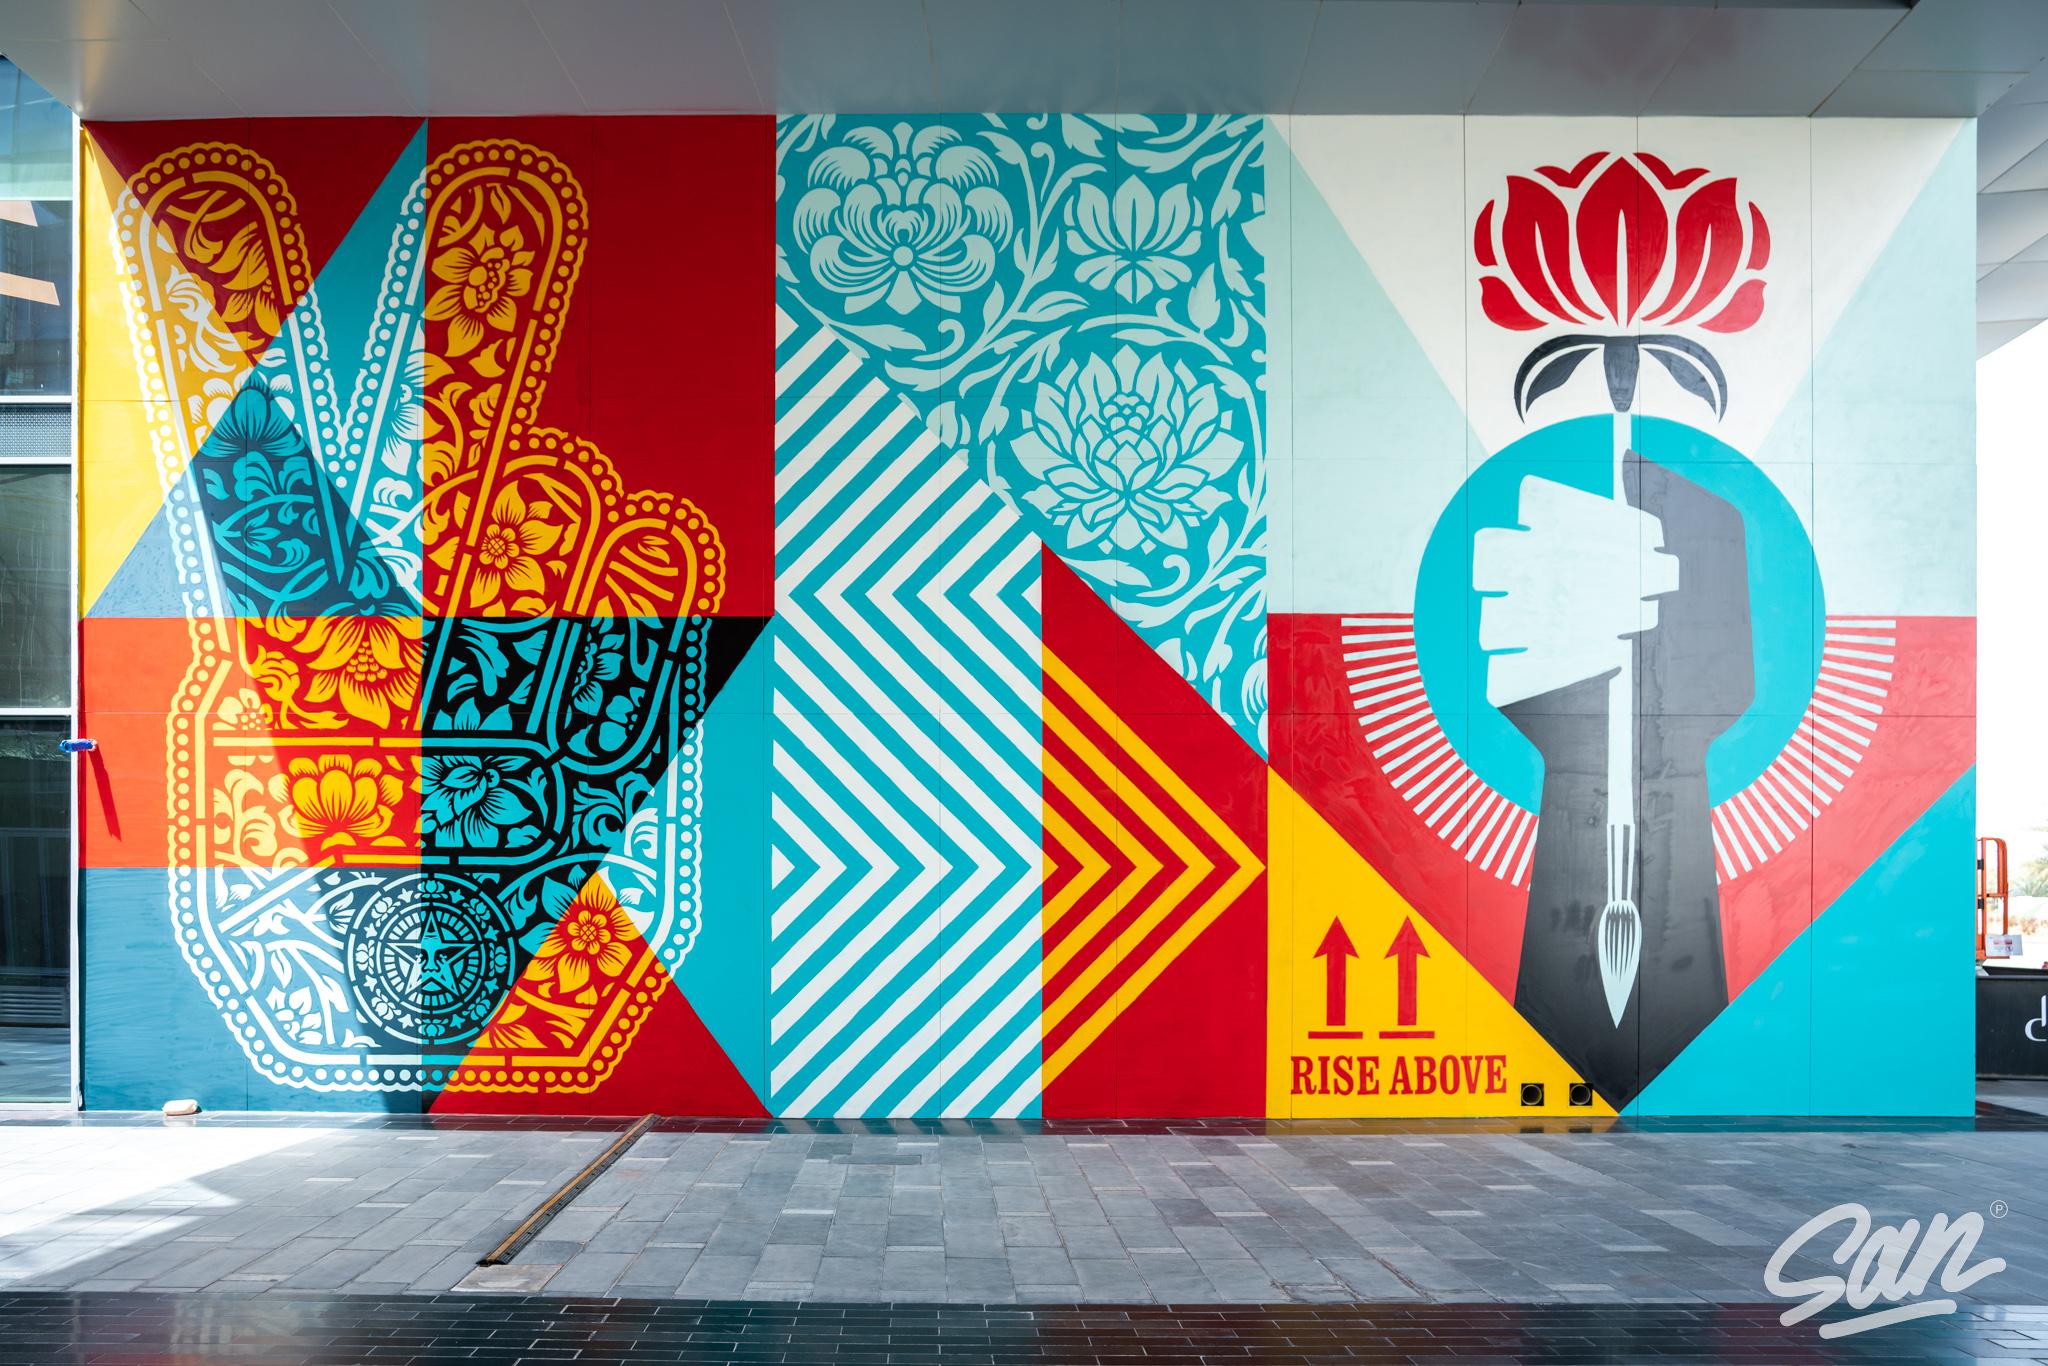 Rise Above, de Shepard Fairey no Dubai Artes & contextos Shepard Fairey Dubai March 2021 09